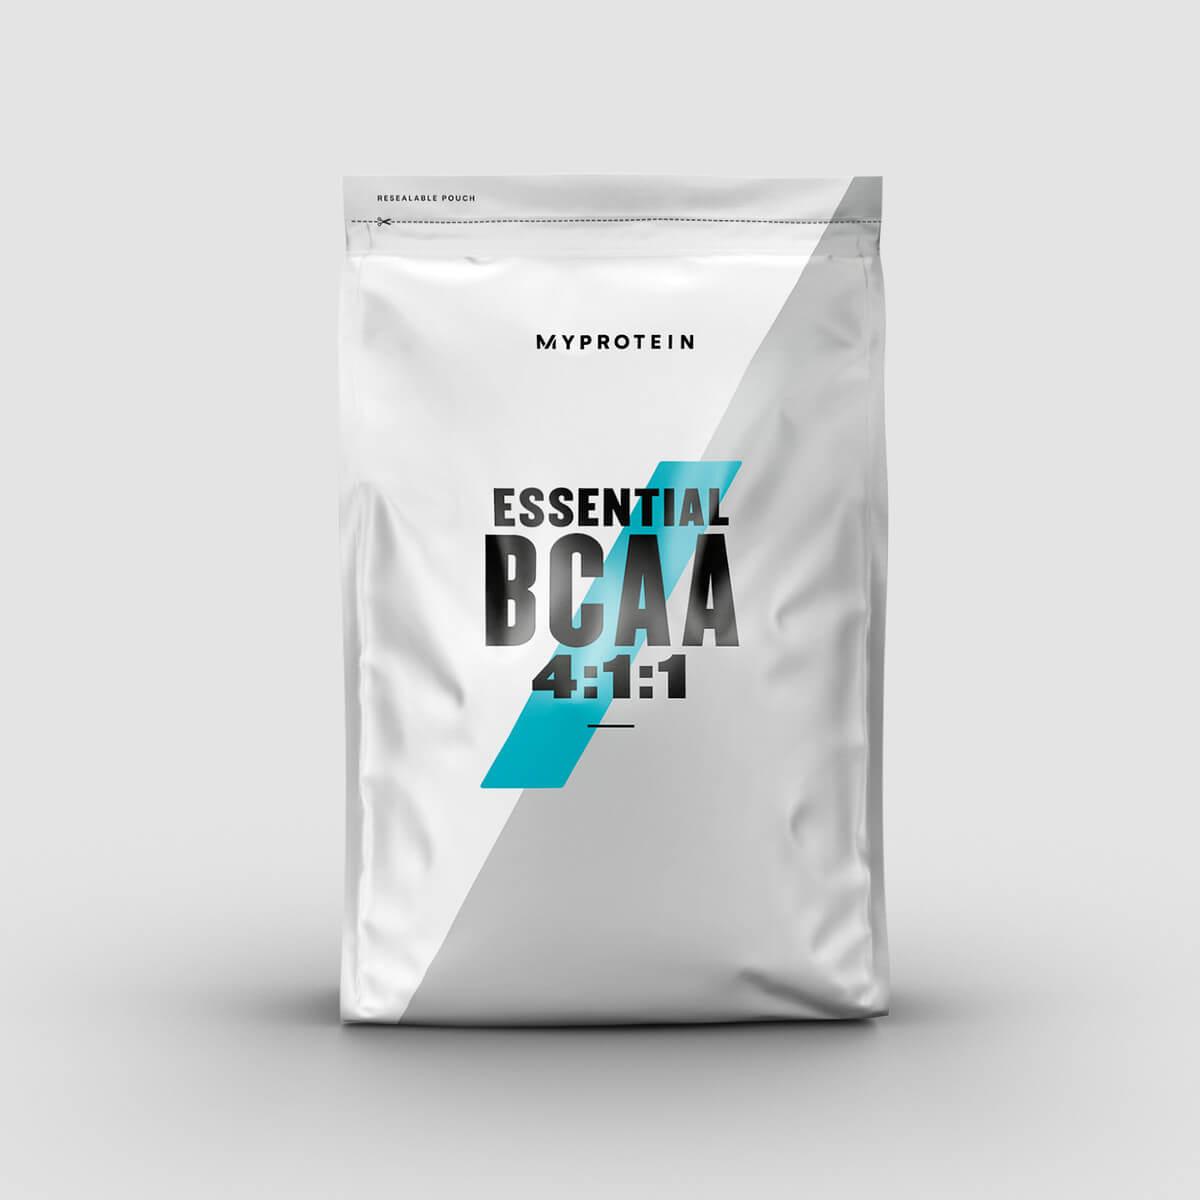 Myprotein Essential BCAA 4:1:1 Powder - 500g - Berry Burst